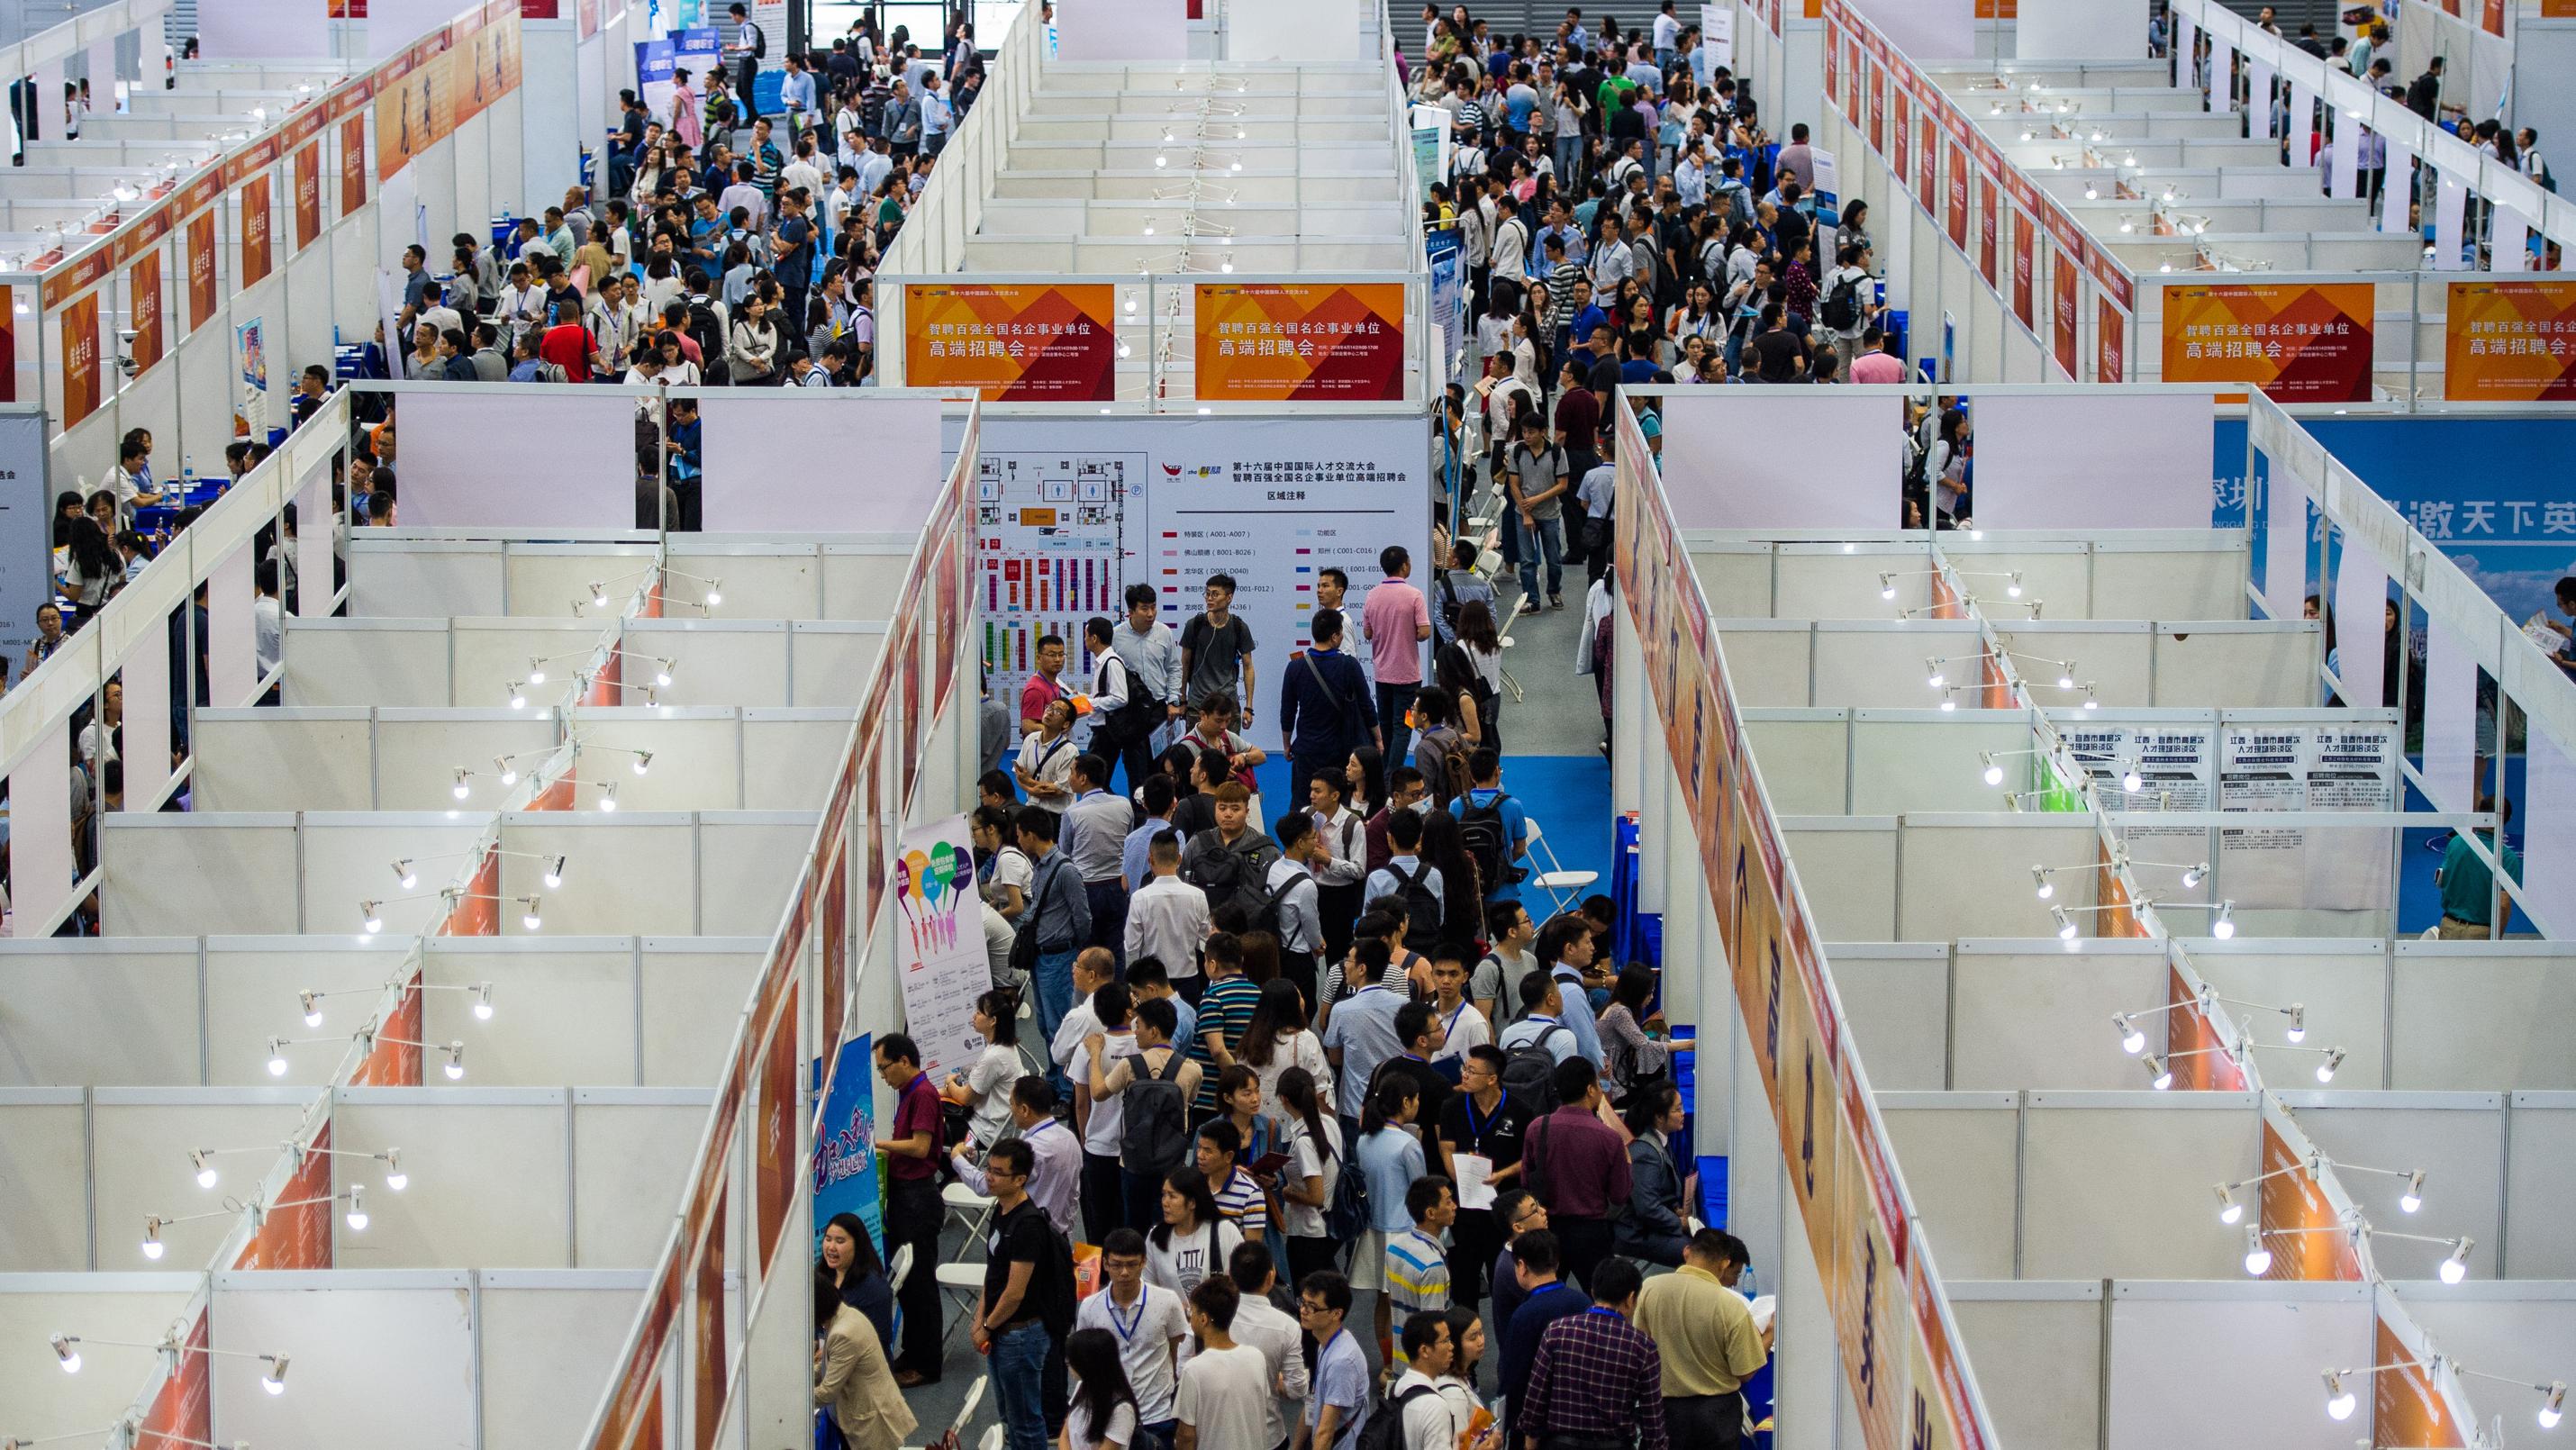 第十八届中国国际人才交流大会网上大会正式启动